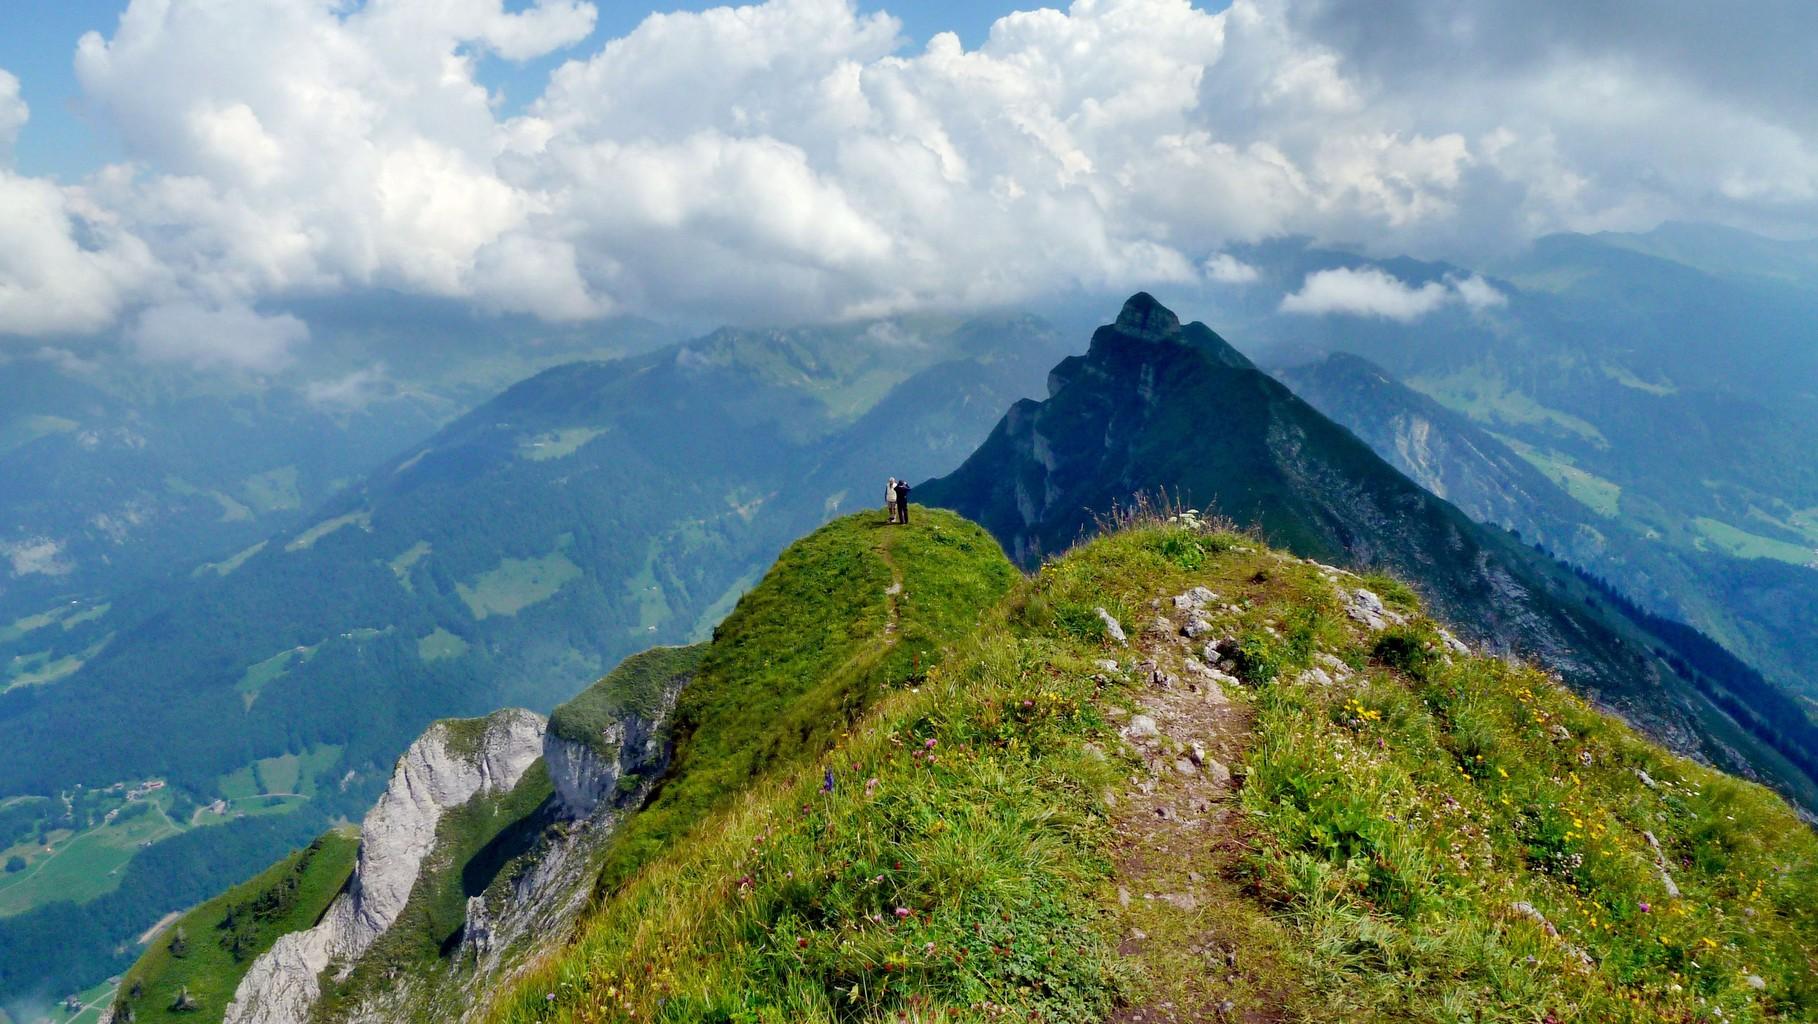 Auf der Holenke. Blick nach Osten zu den anderen Gipfeln der Kanisfluh